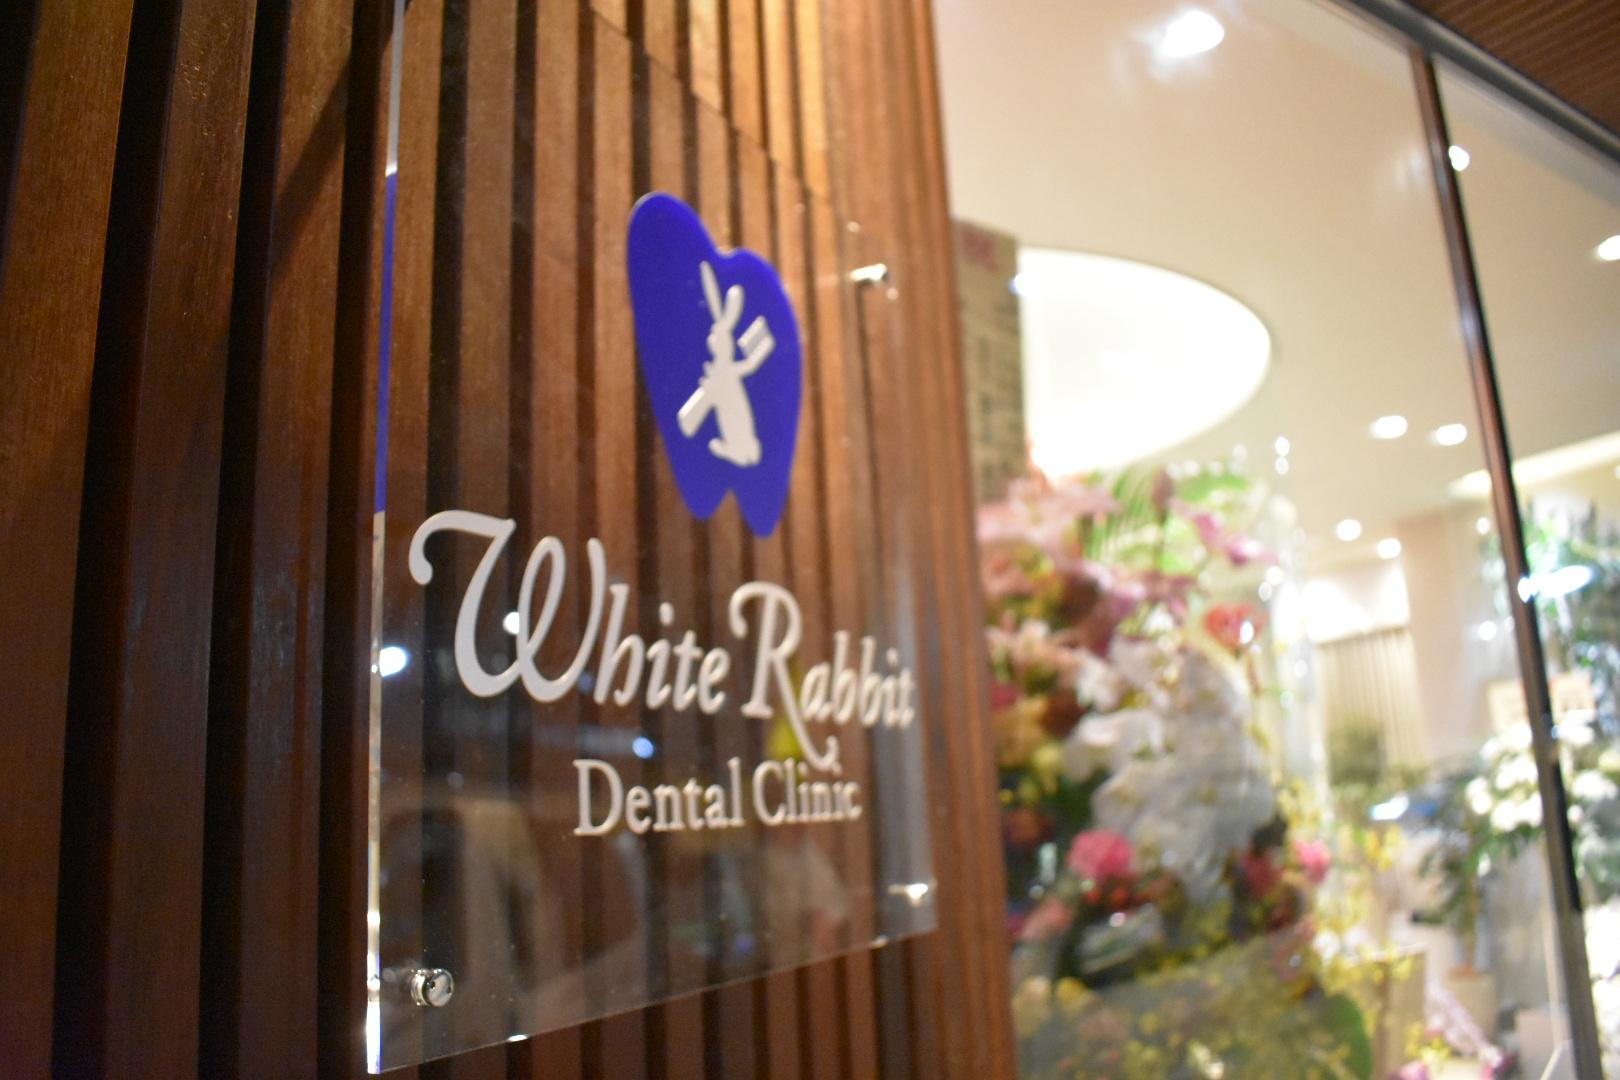 ホワイトラビット歯科